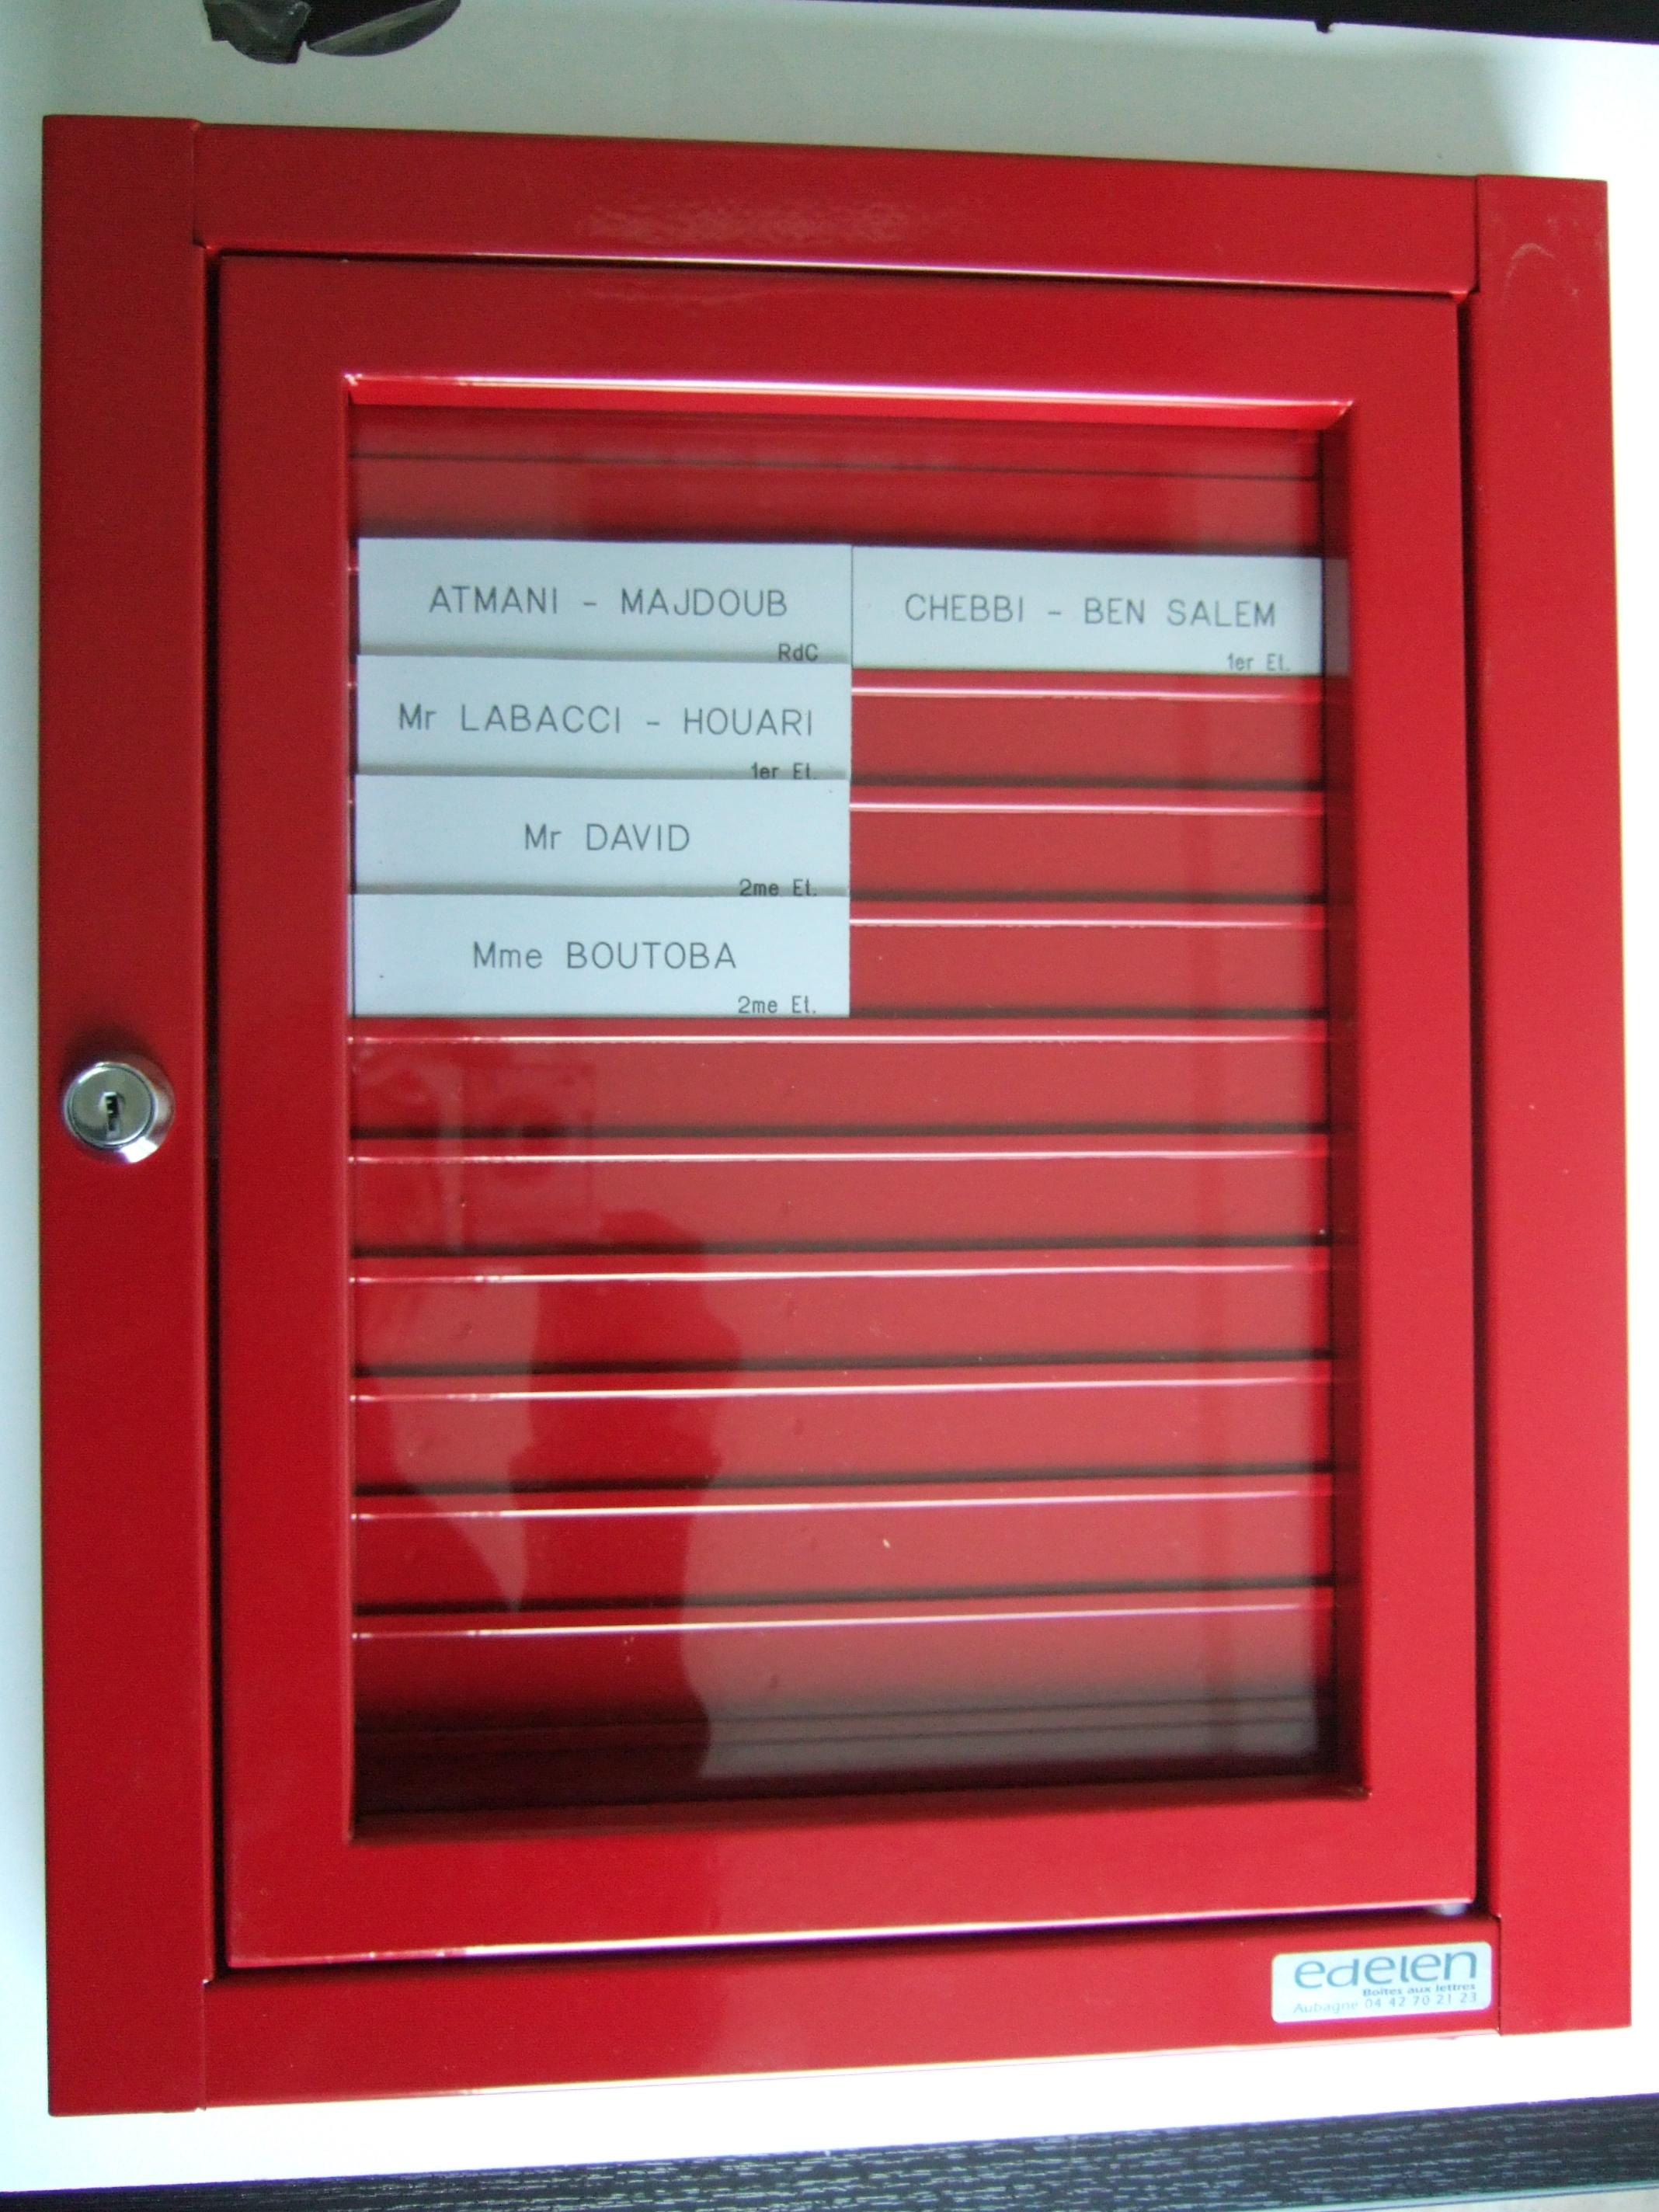 Porte Nom Boite Aux Lettres : Tableau porte nom intégré au bloc de boites aux lettres